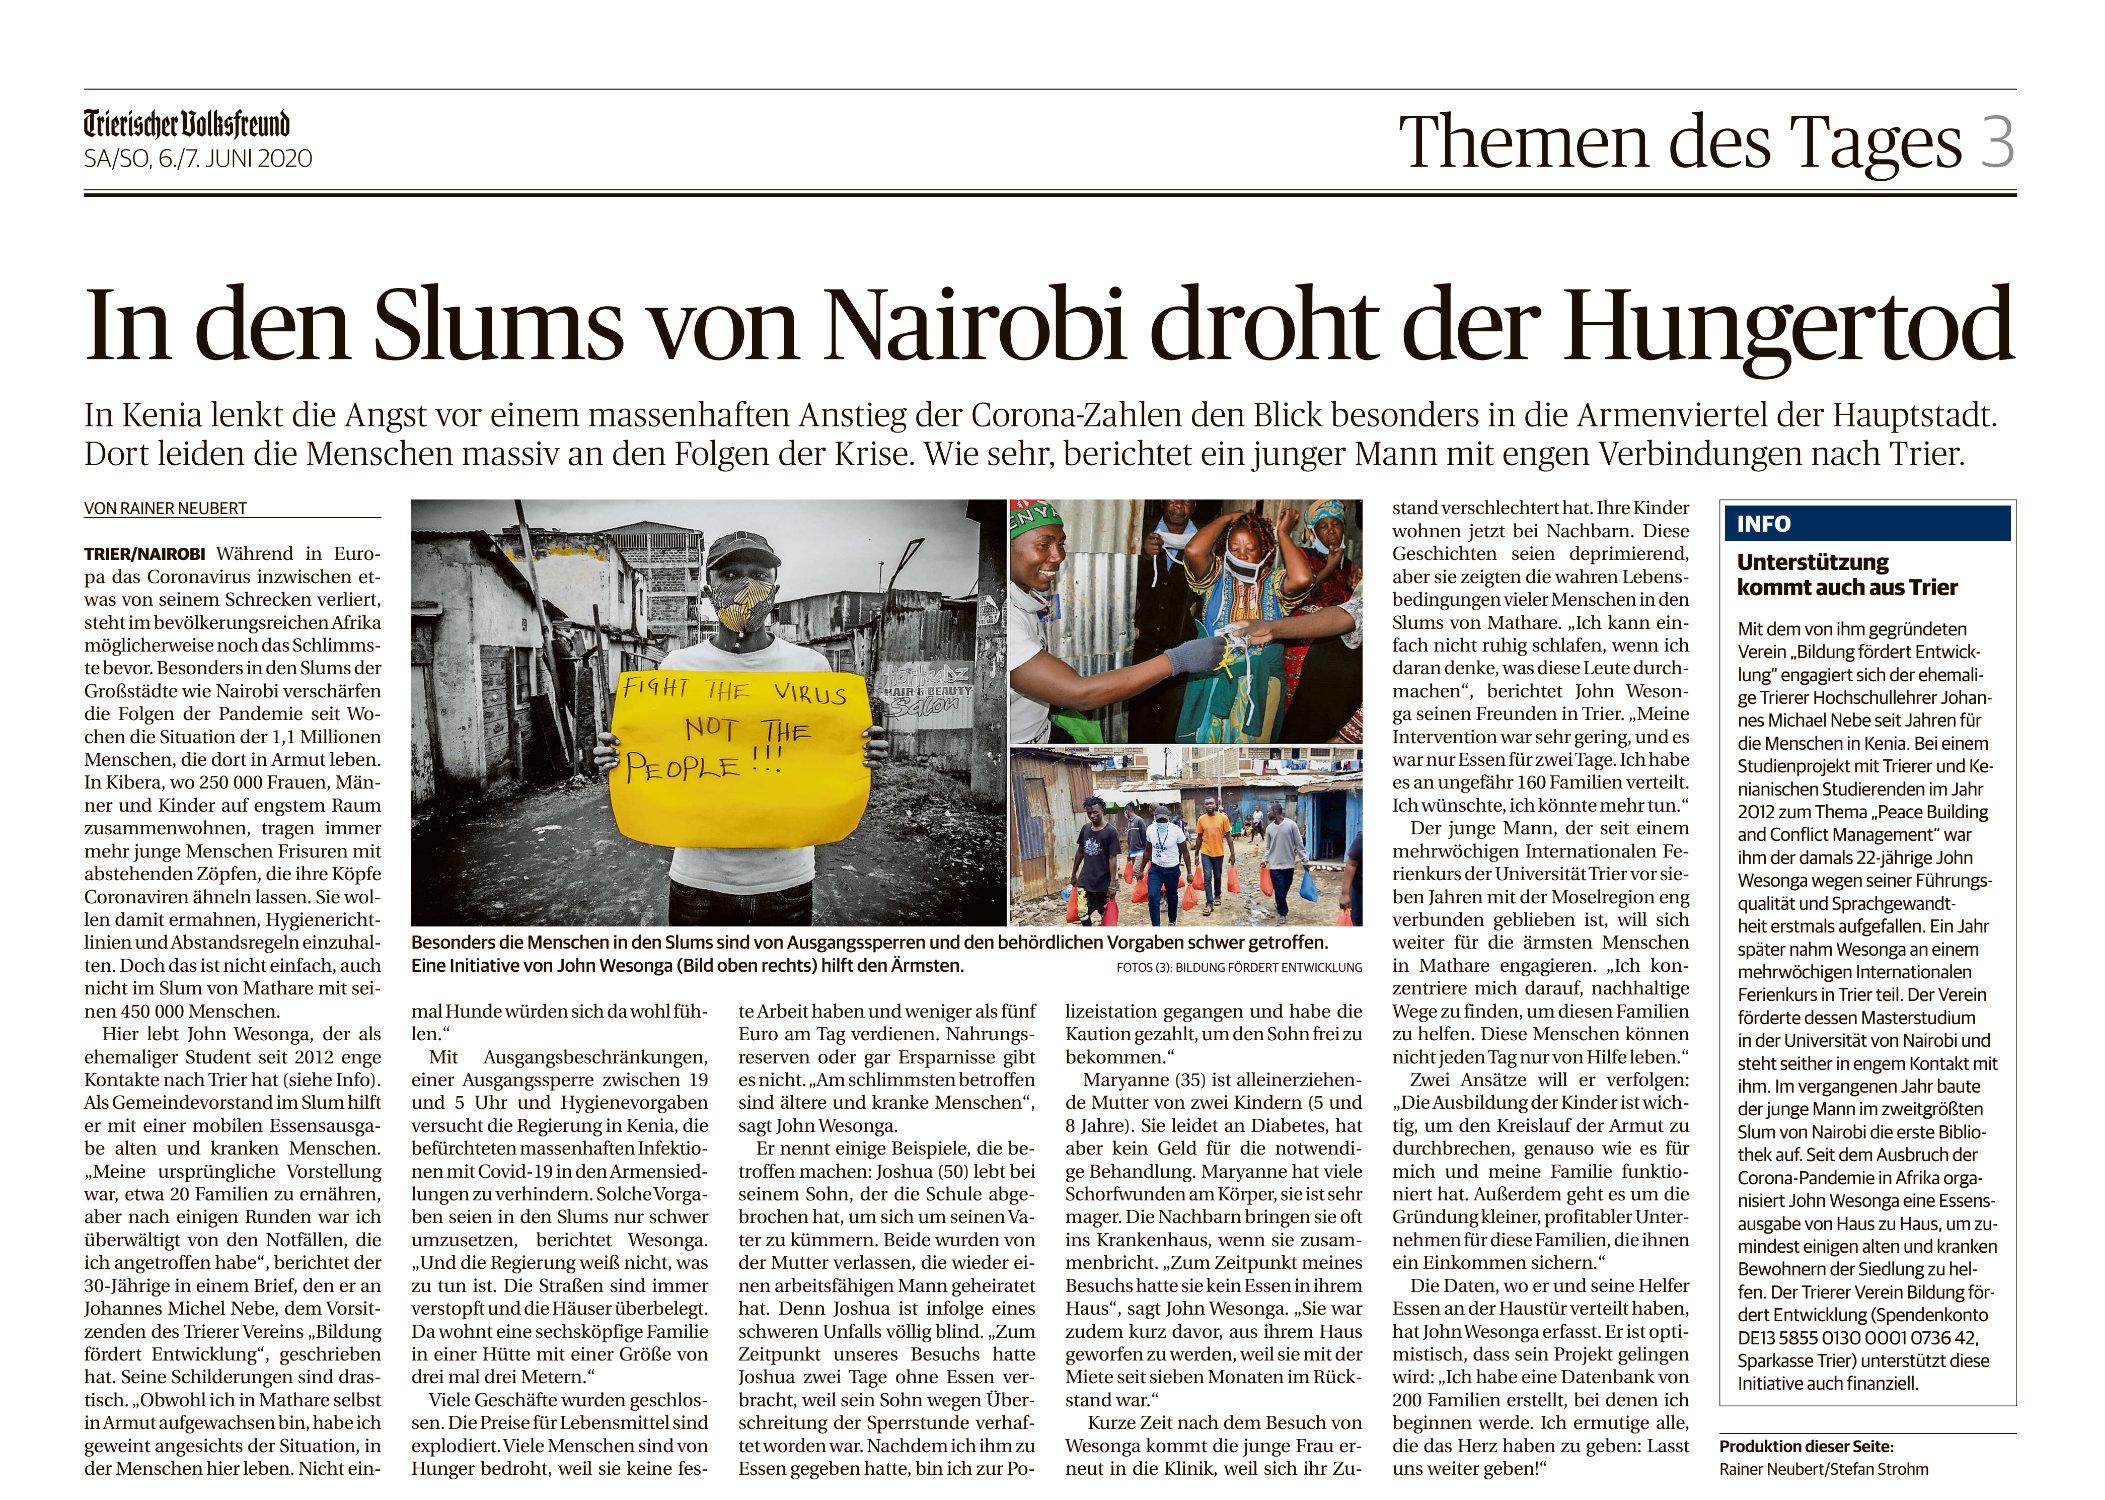 In den Slums von Nairobi droht der Hungertod